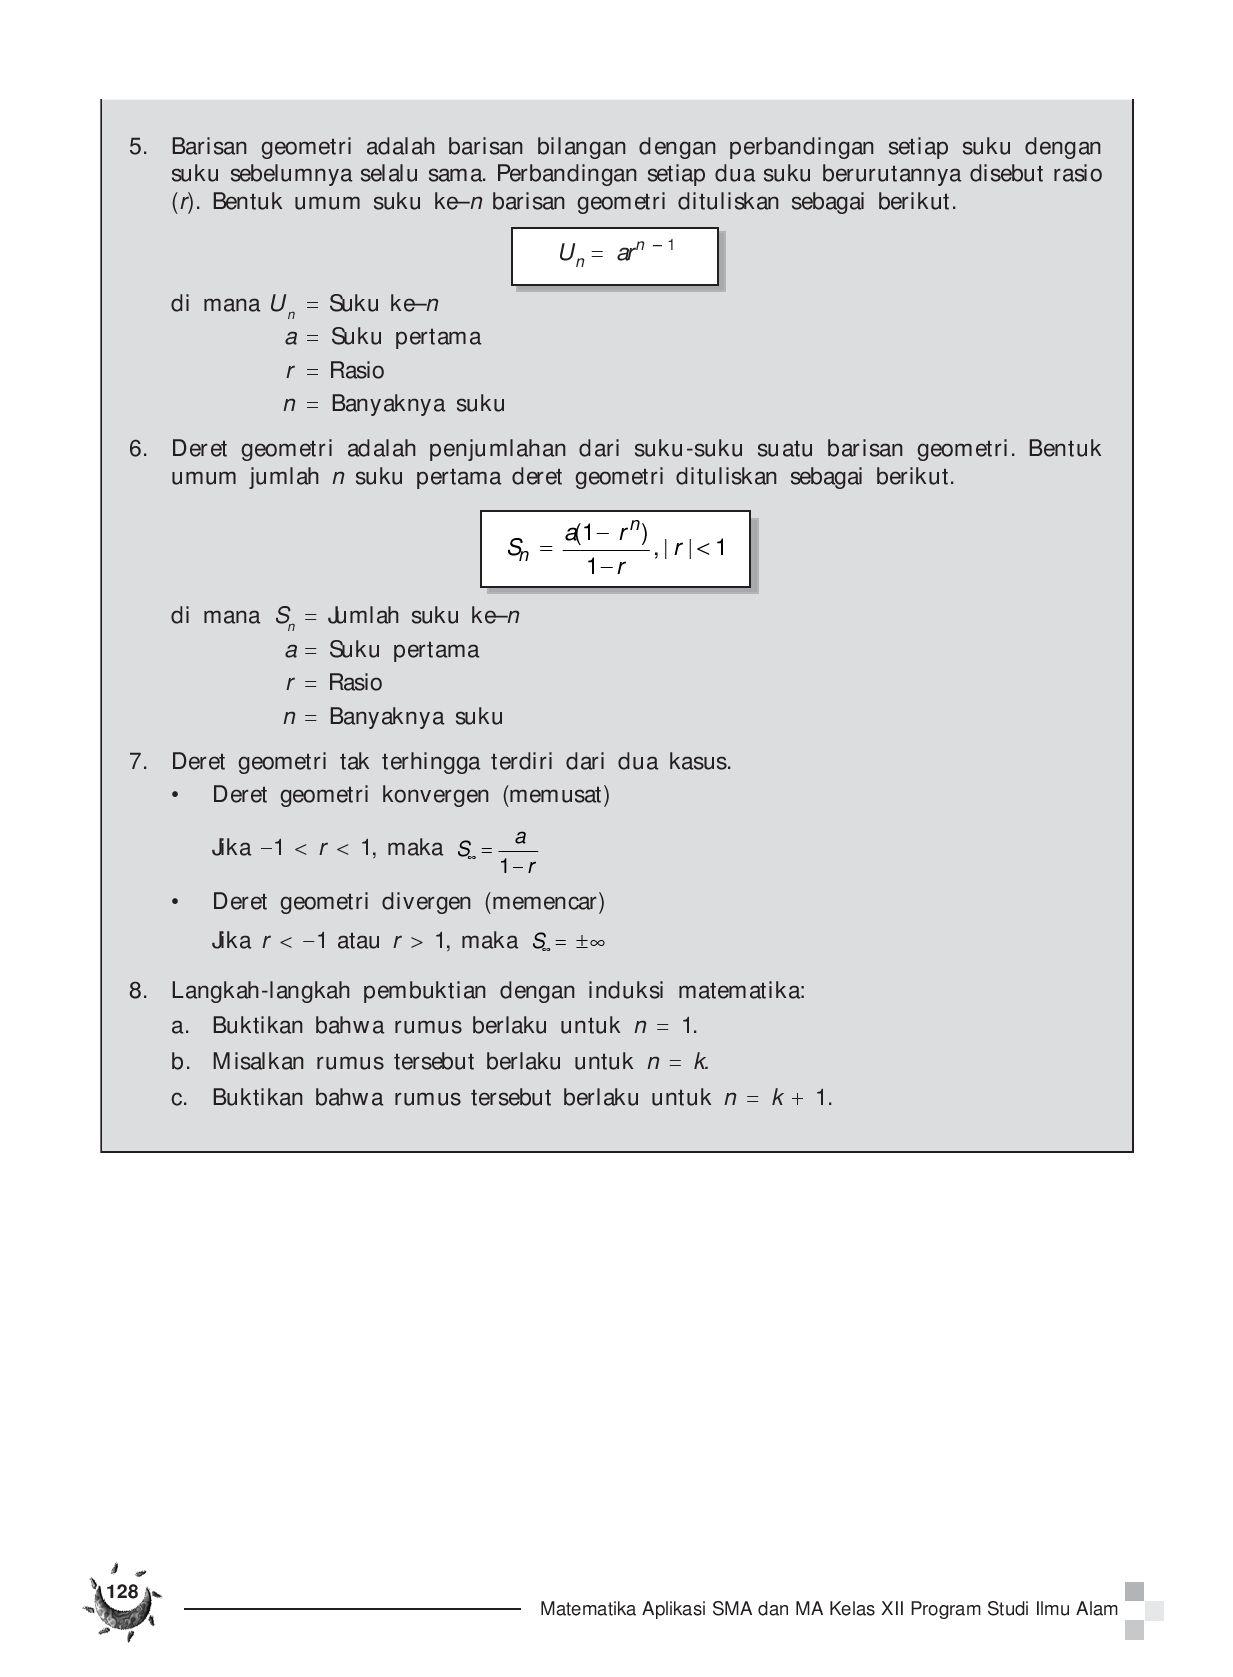 Kelas12 Matematika Aplikasi Pesta Cecep By S Van Selagan Issuu